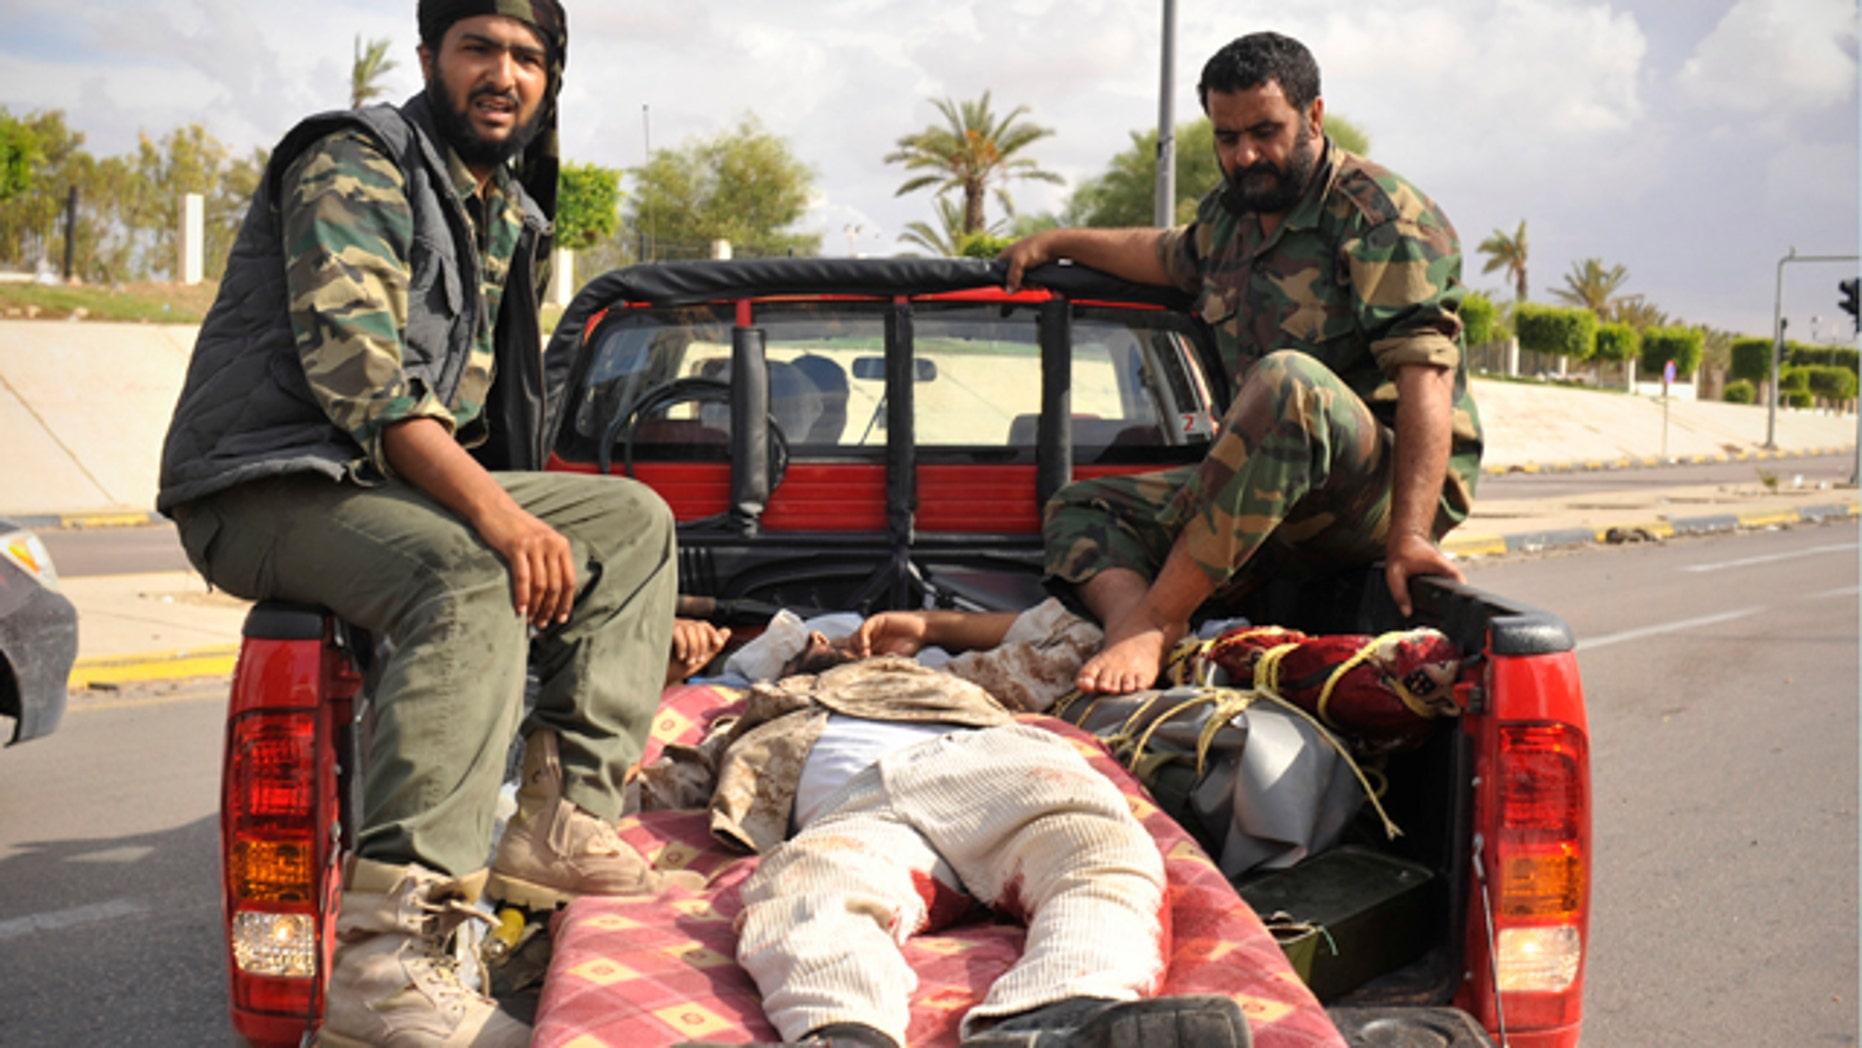 Oct. 13: Libyan revolutionary fighters transport their injured comrade in Sirte, Libya.